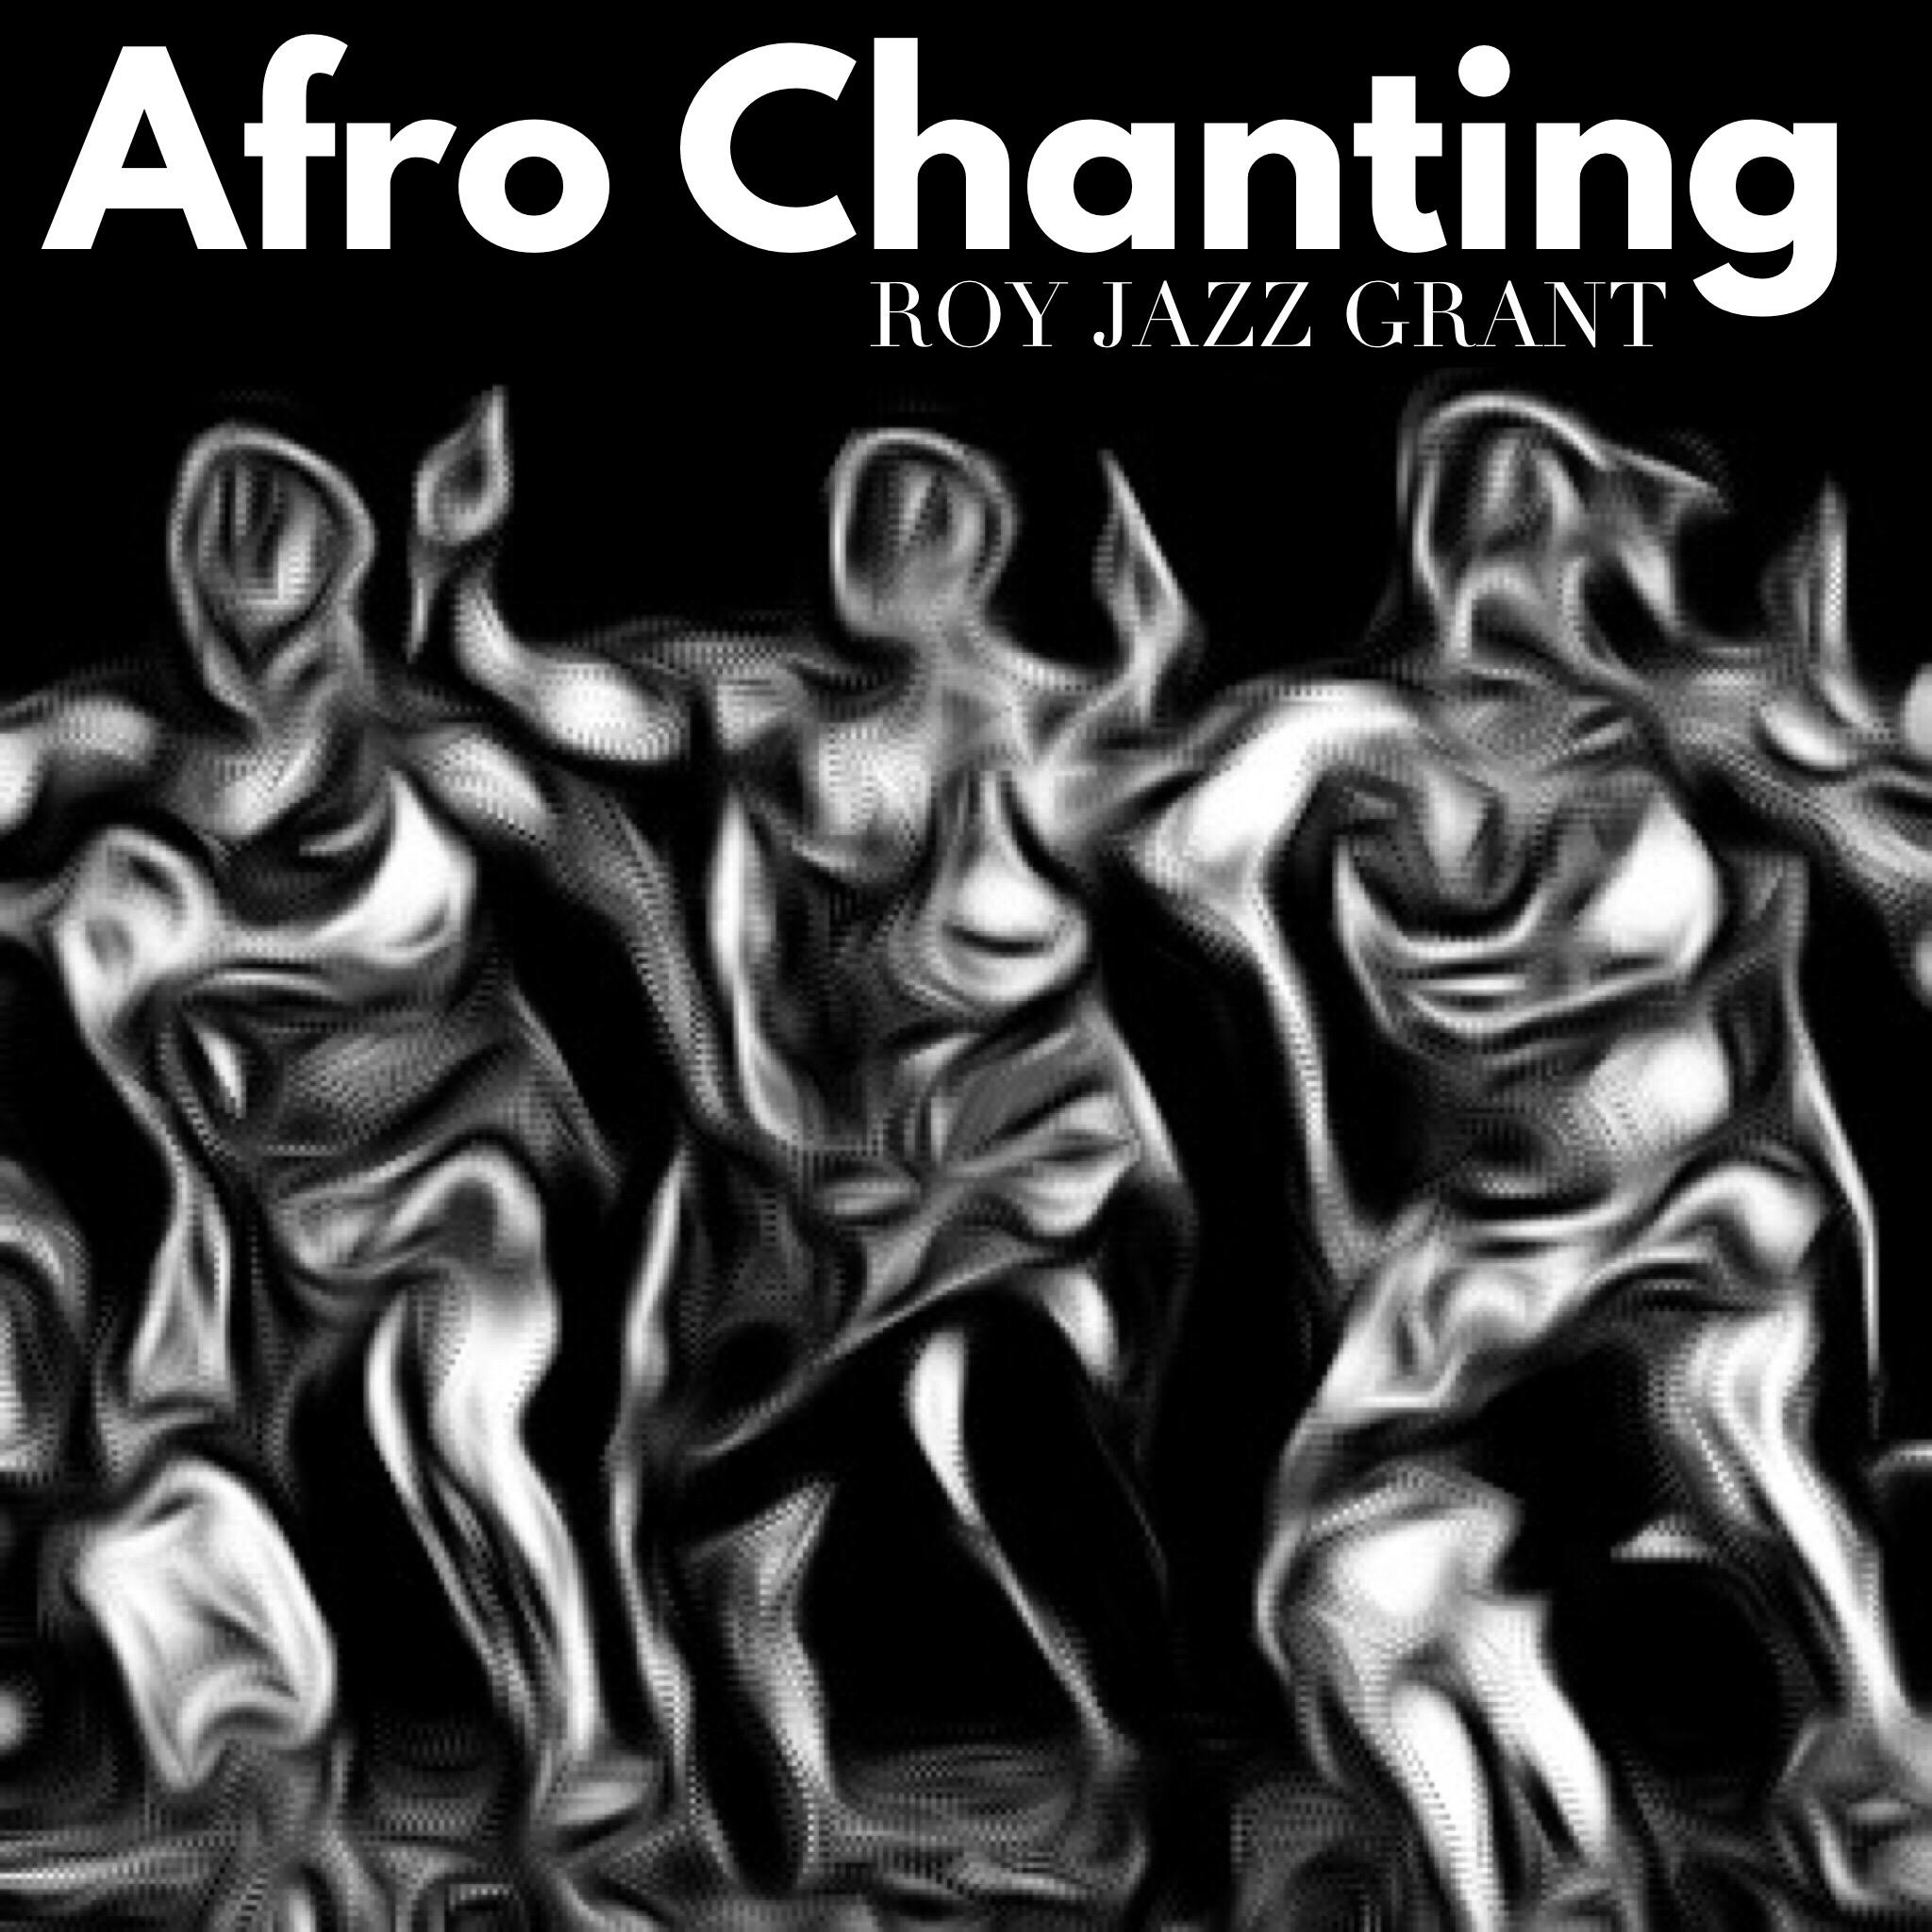 APT003 - Afro Changing - Jan 20 2018